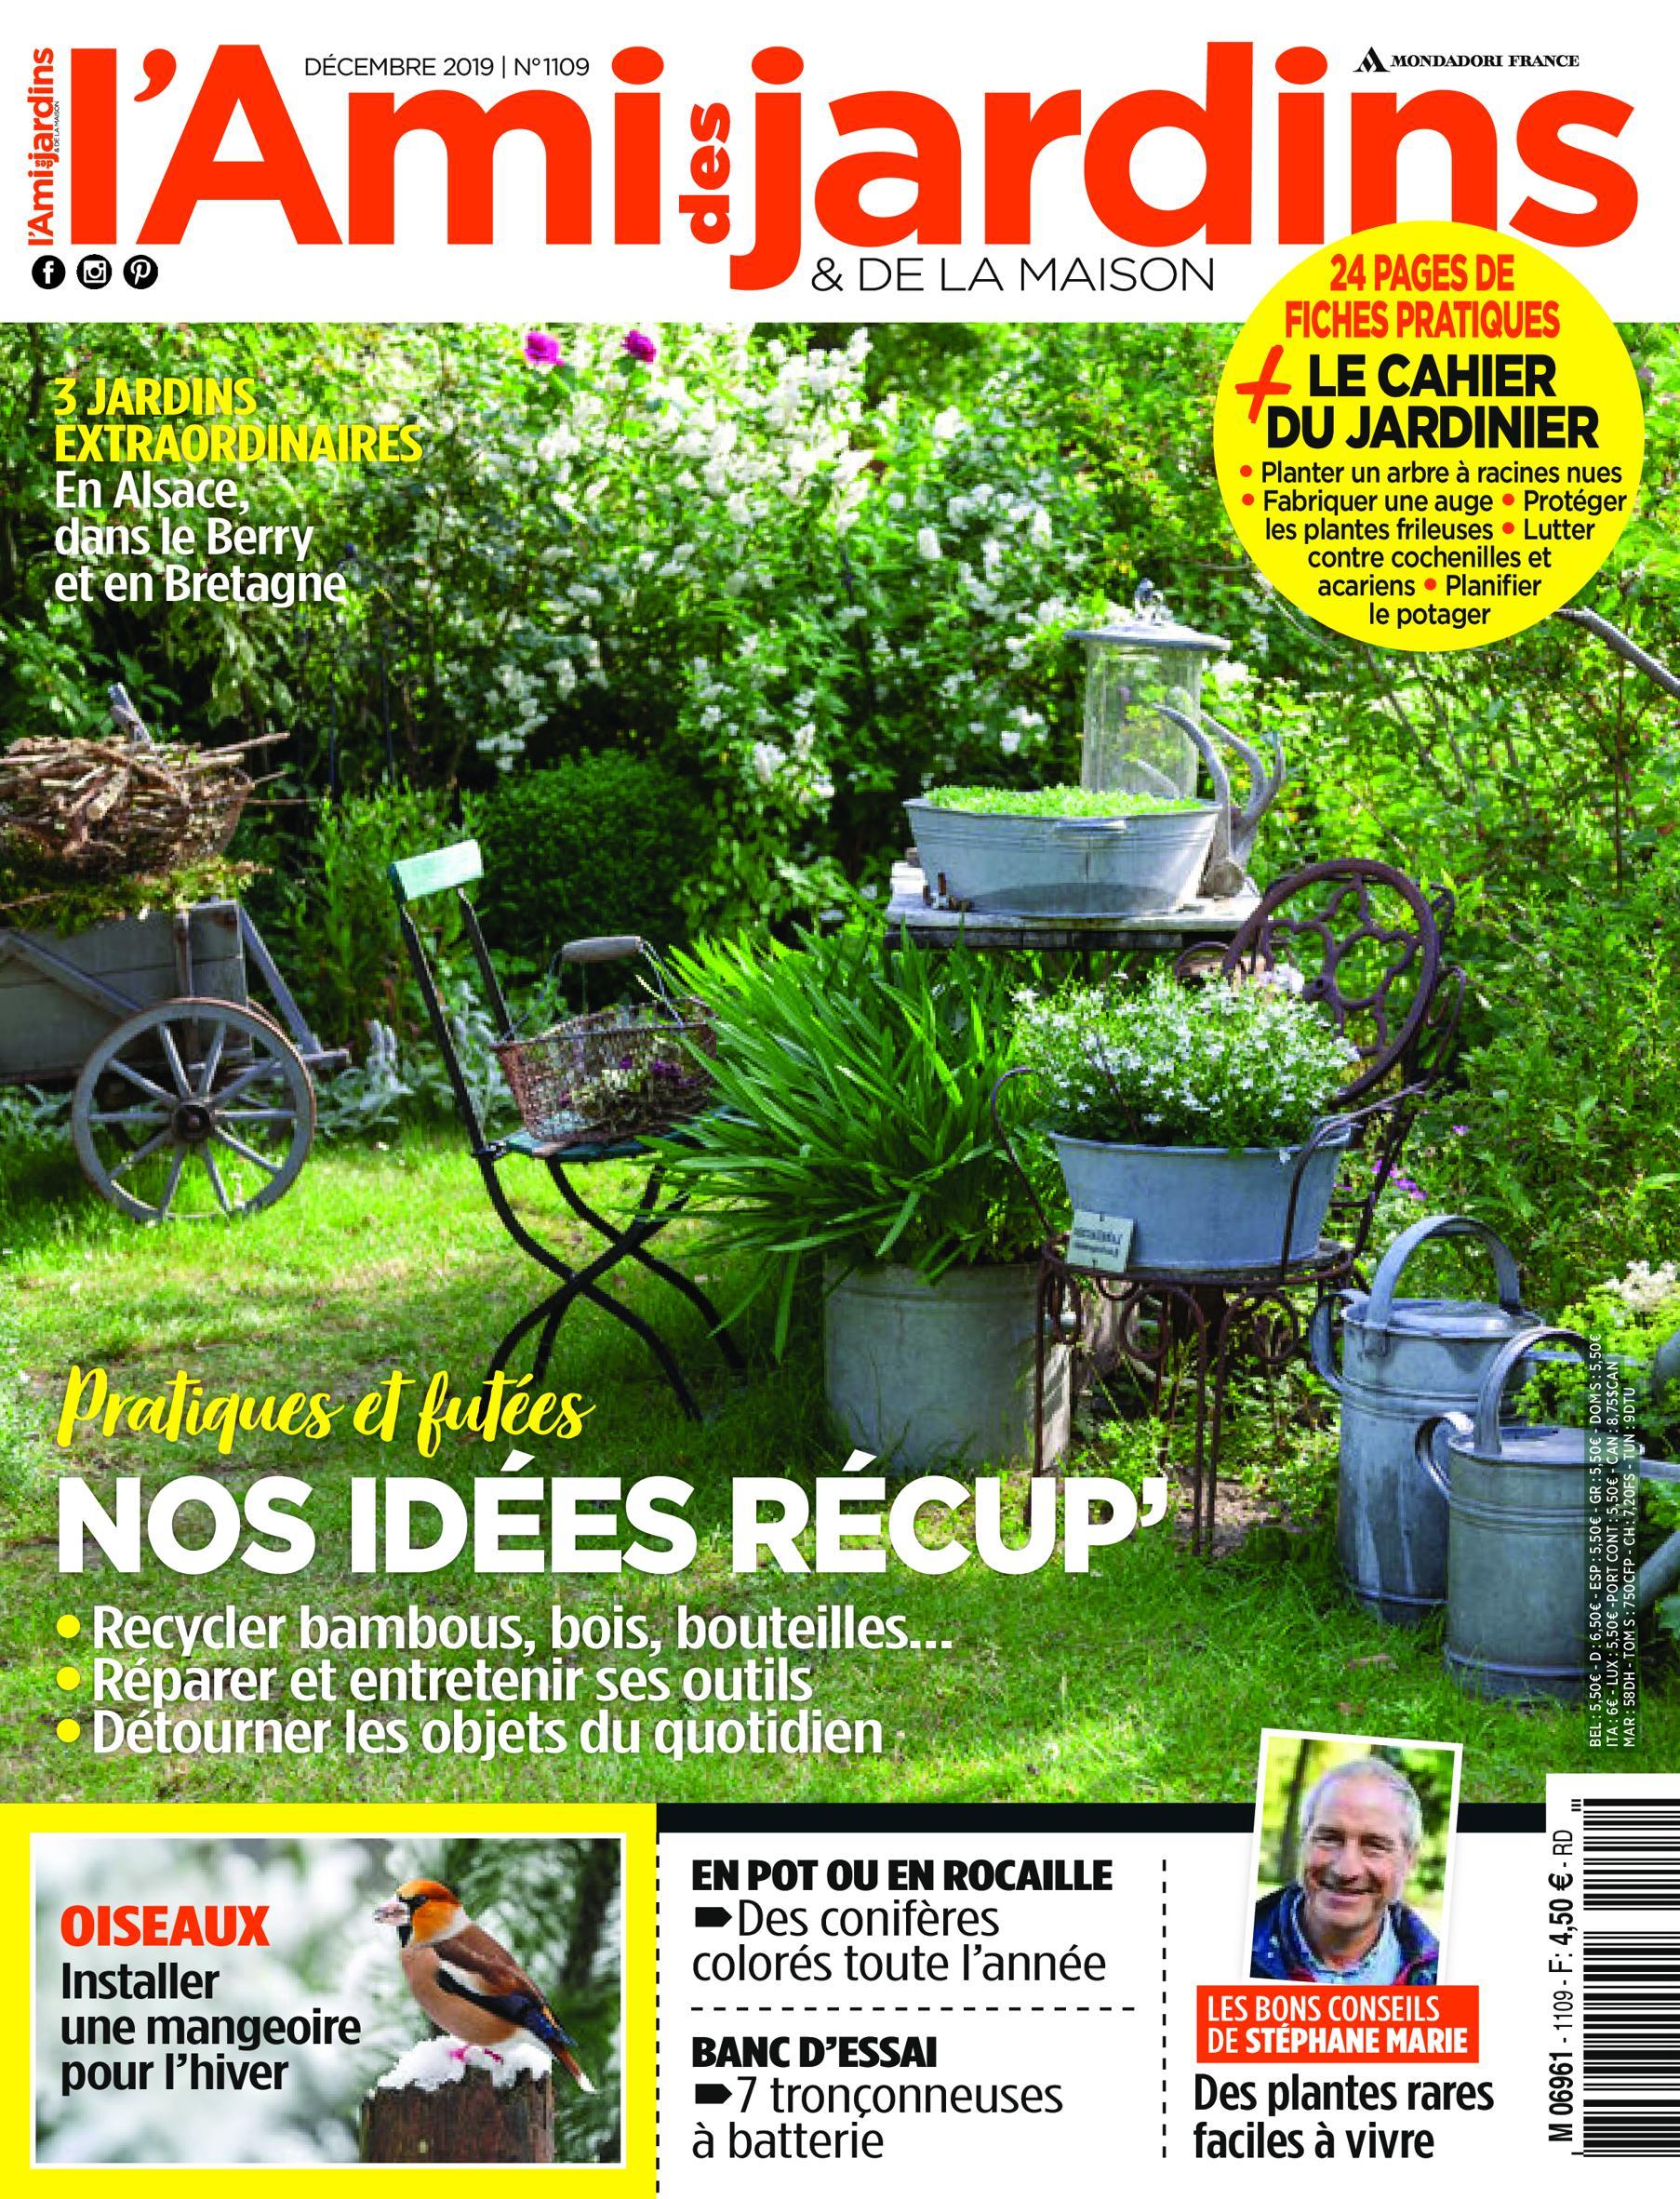 Download L'ami Des Jardins - Décembre 2019 - Softarchive destiné Ami Des Jardins Magazine